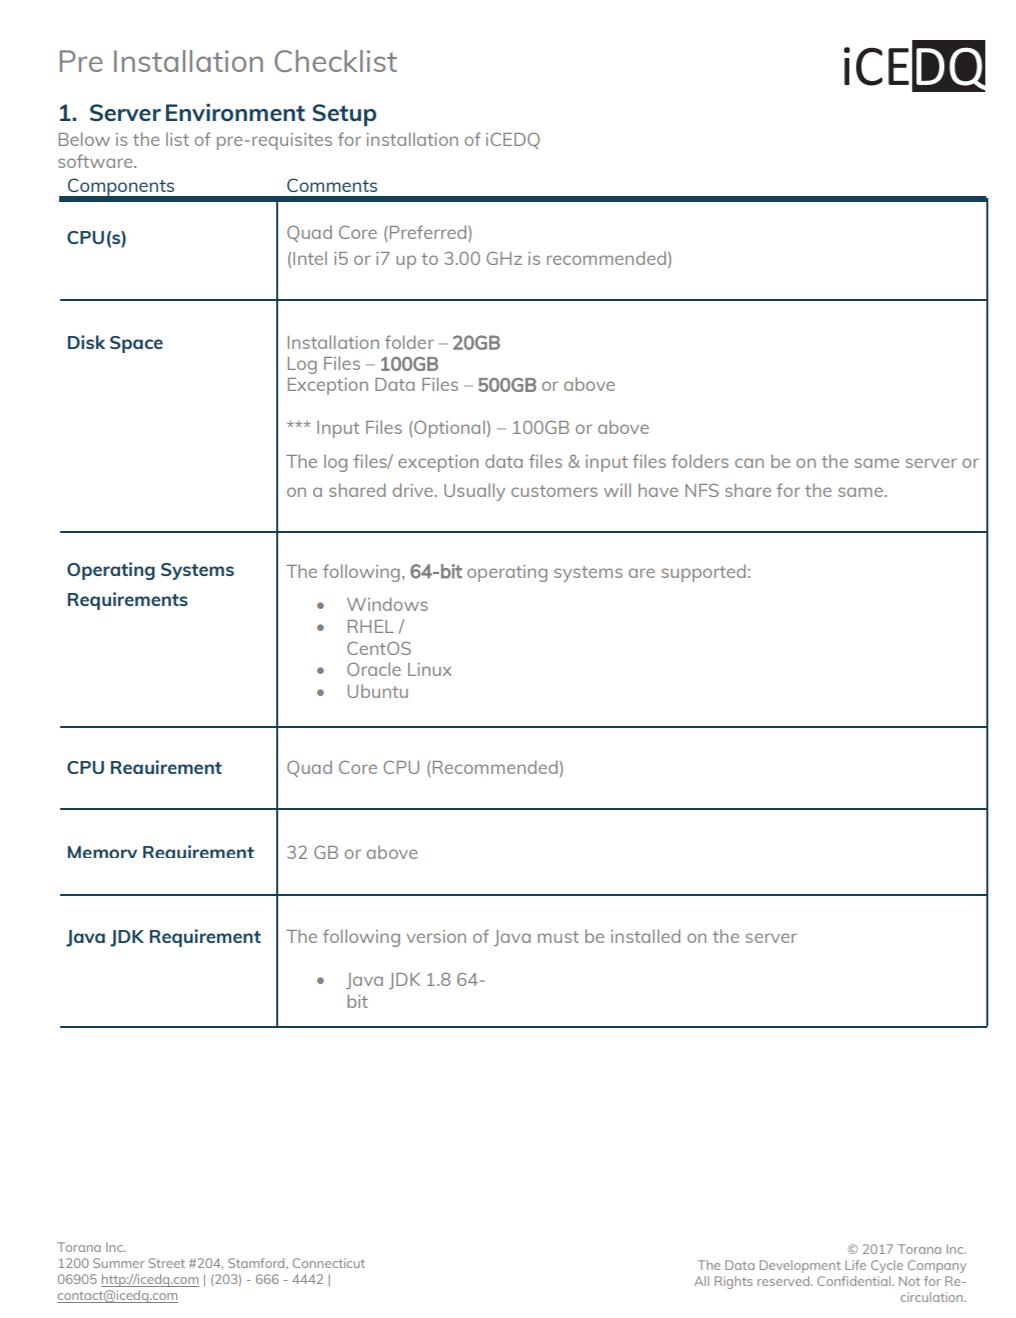 Pre-Installation Checklist Preview-iCEDQ